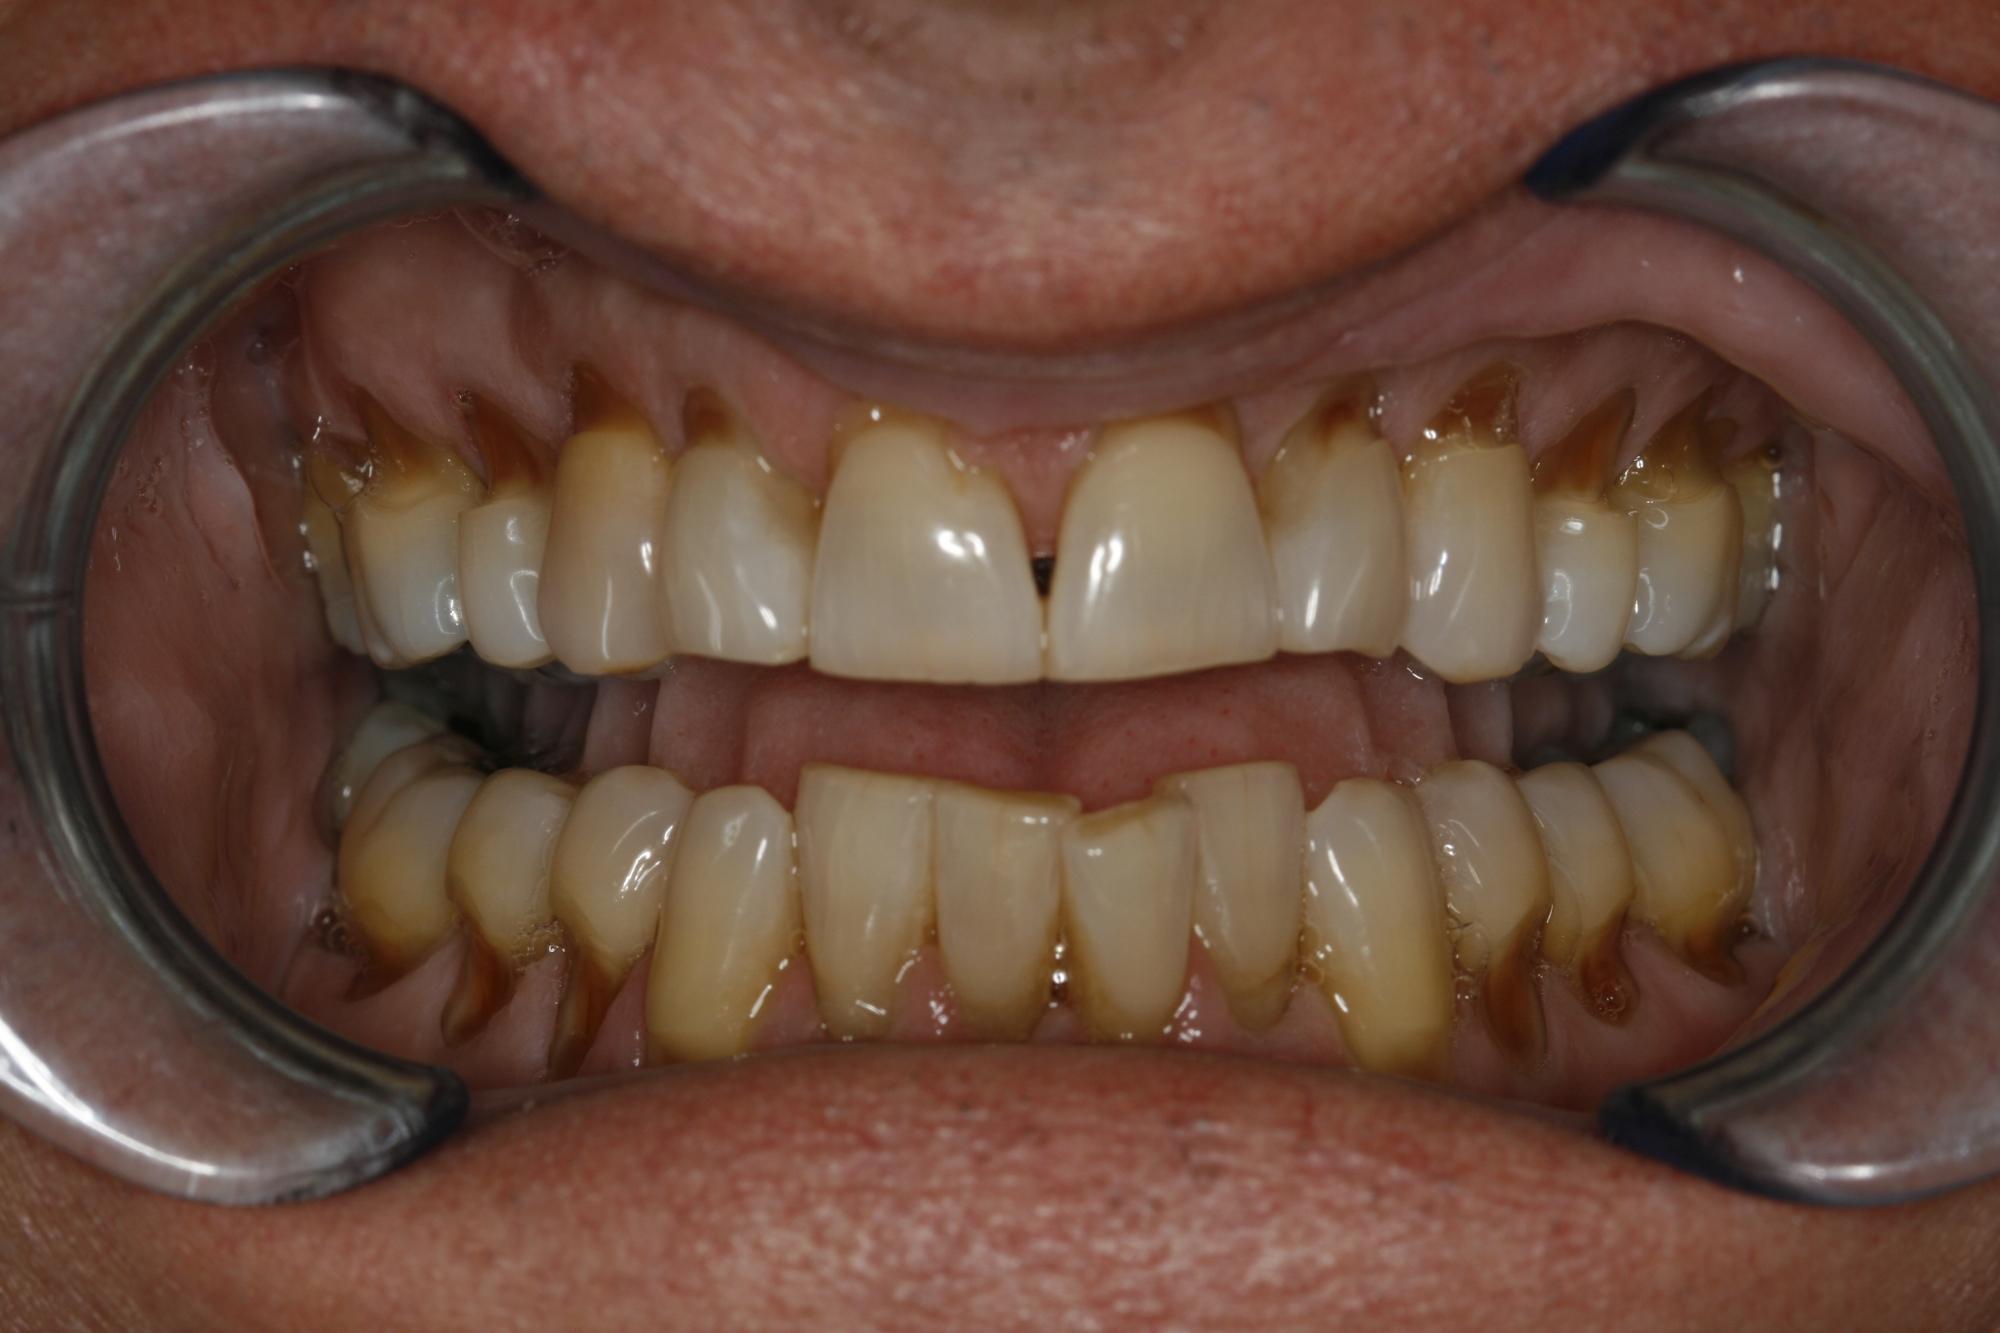 Worn, aged teeth with receding gums